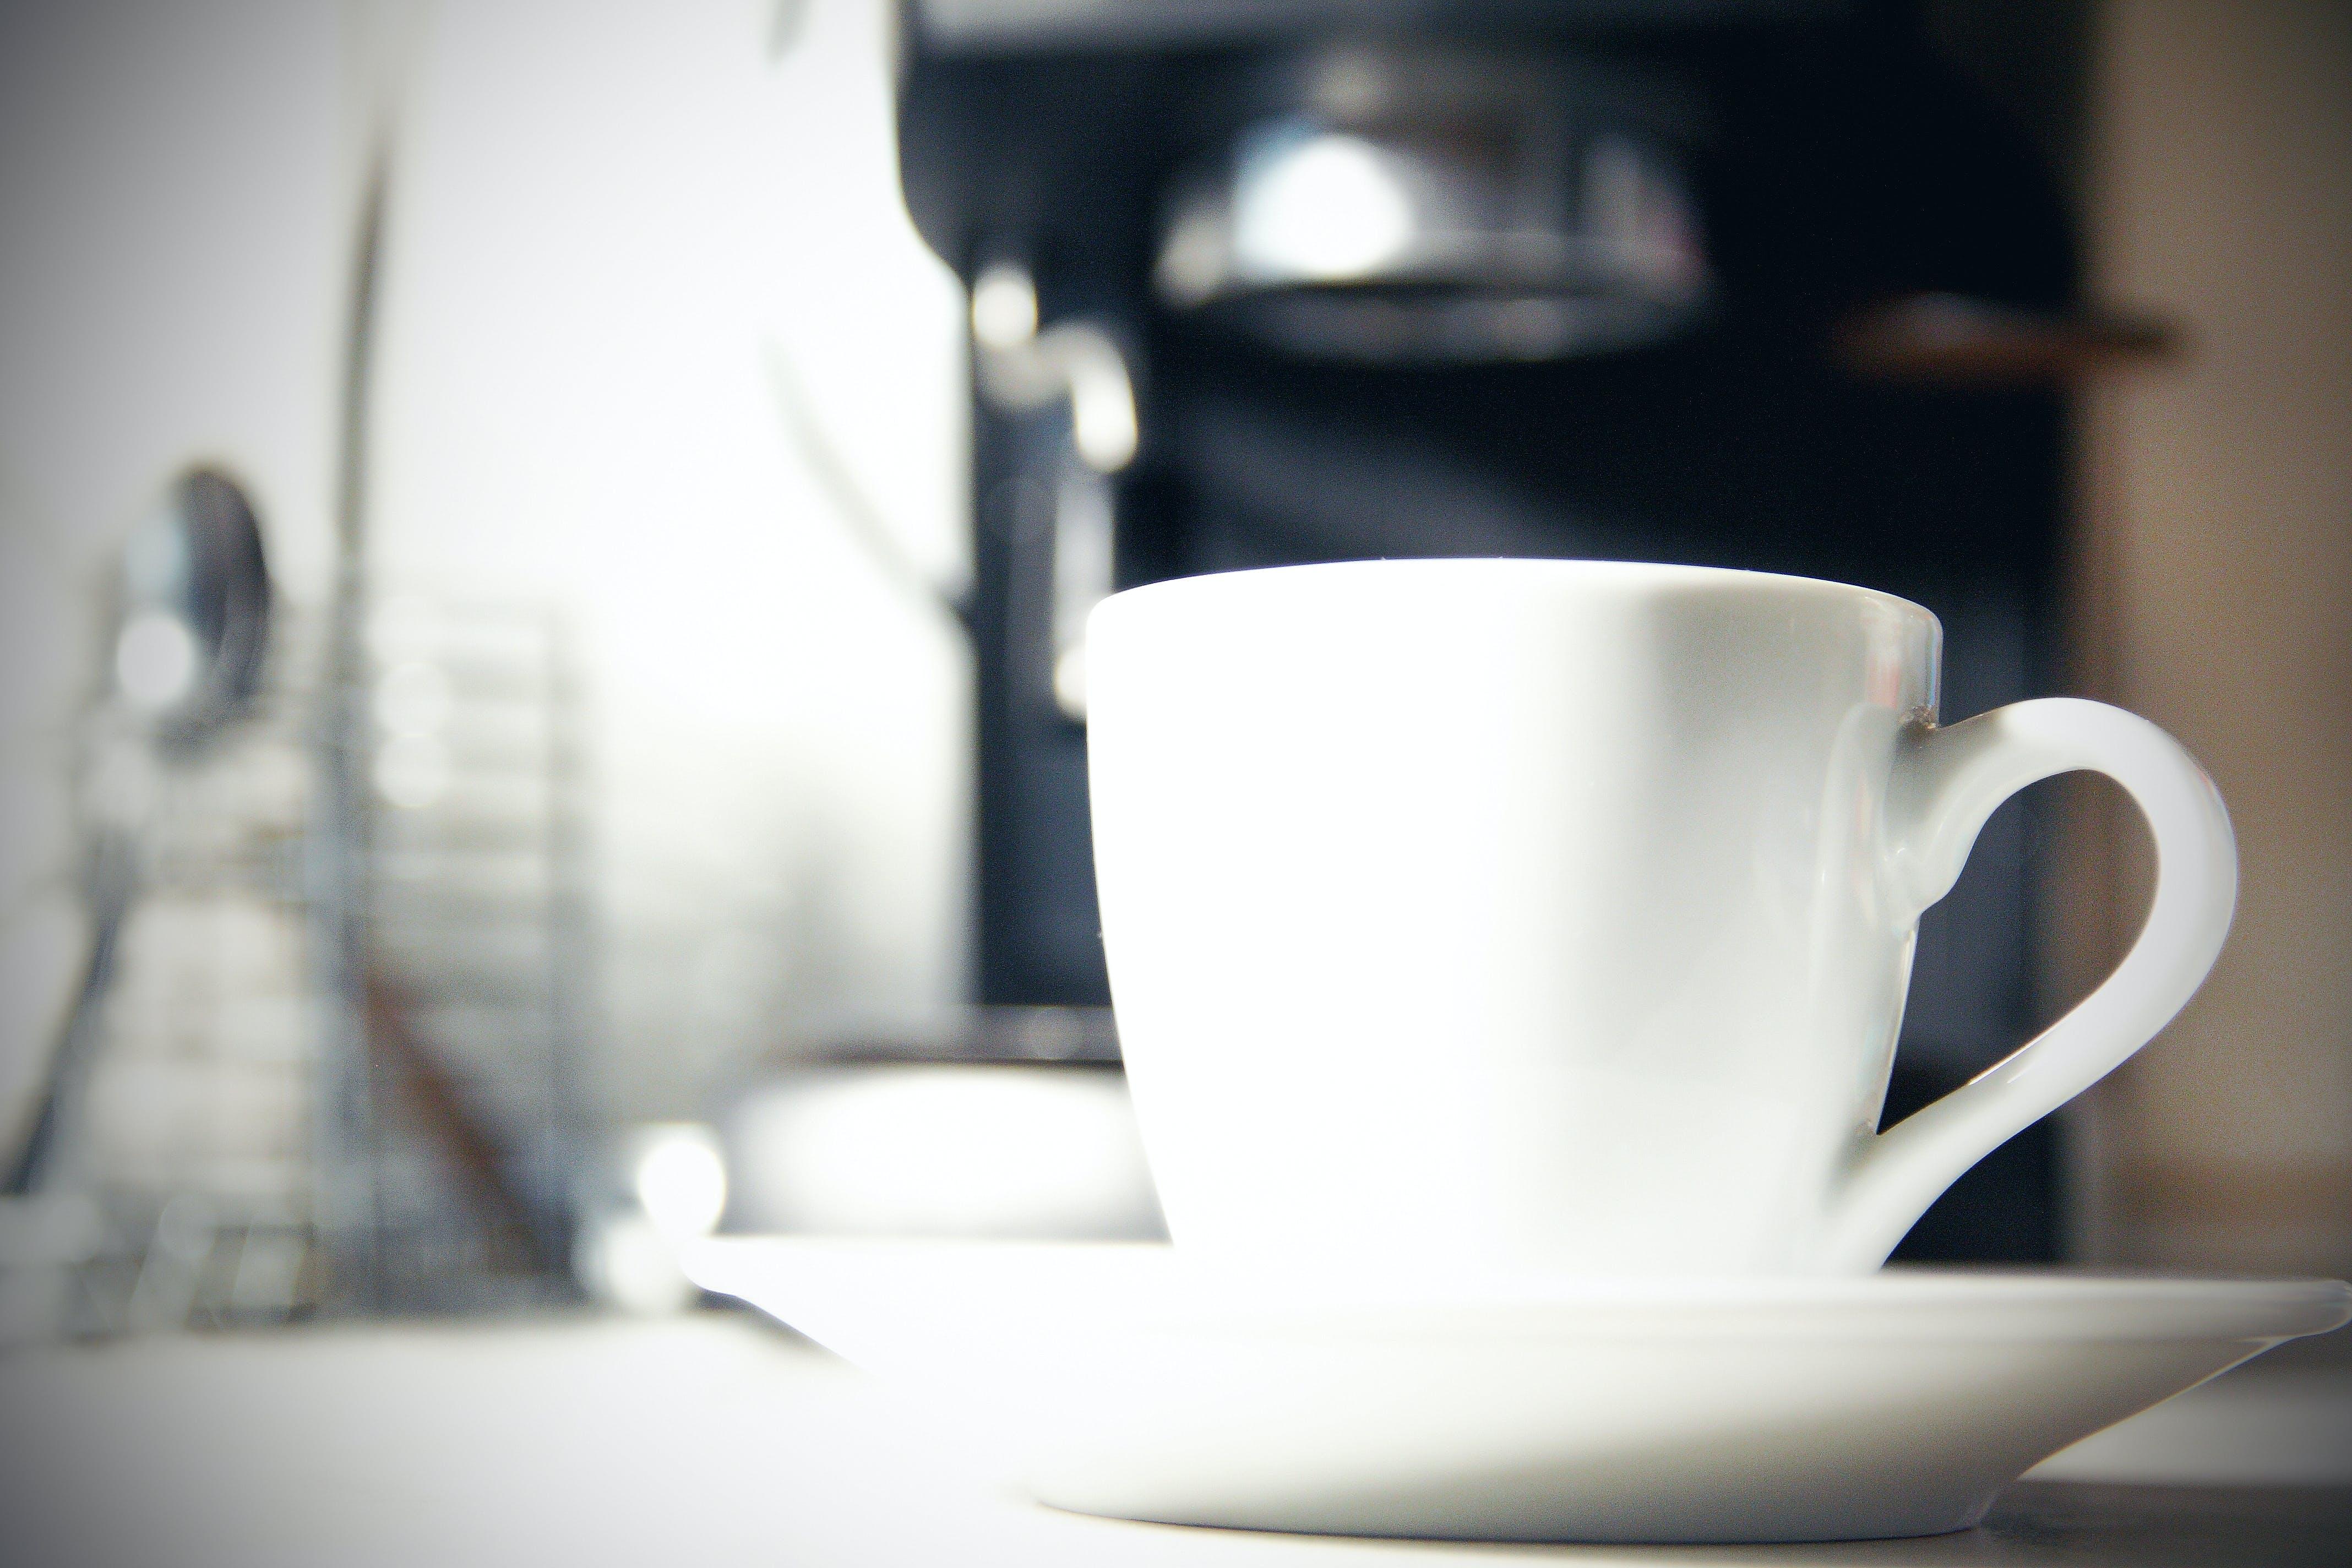 Foto d'estoc gratuïta de cafè, copa, cuina, màquina de cafè